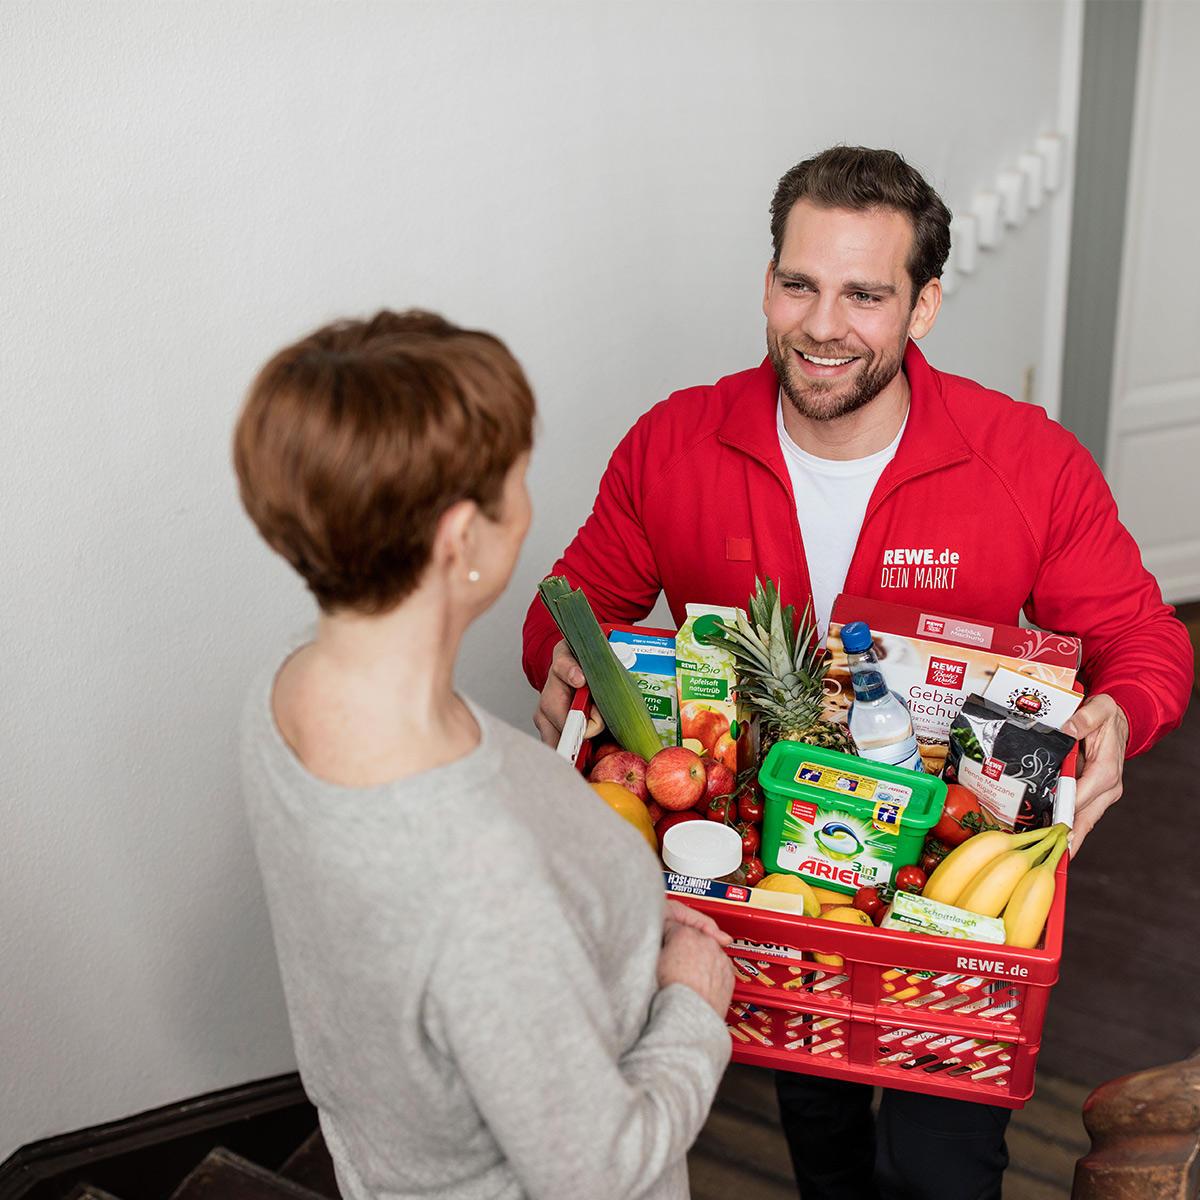 Fotos de REWE Markt GmbH - REWE Lieferservice für Geschäftskunden